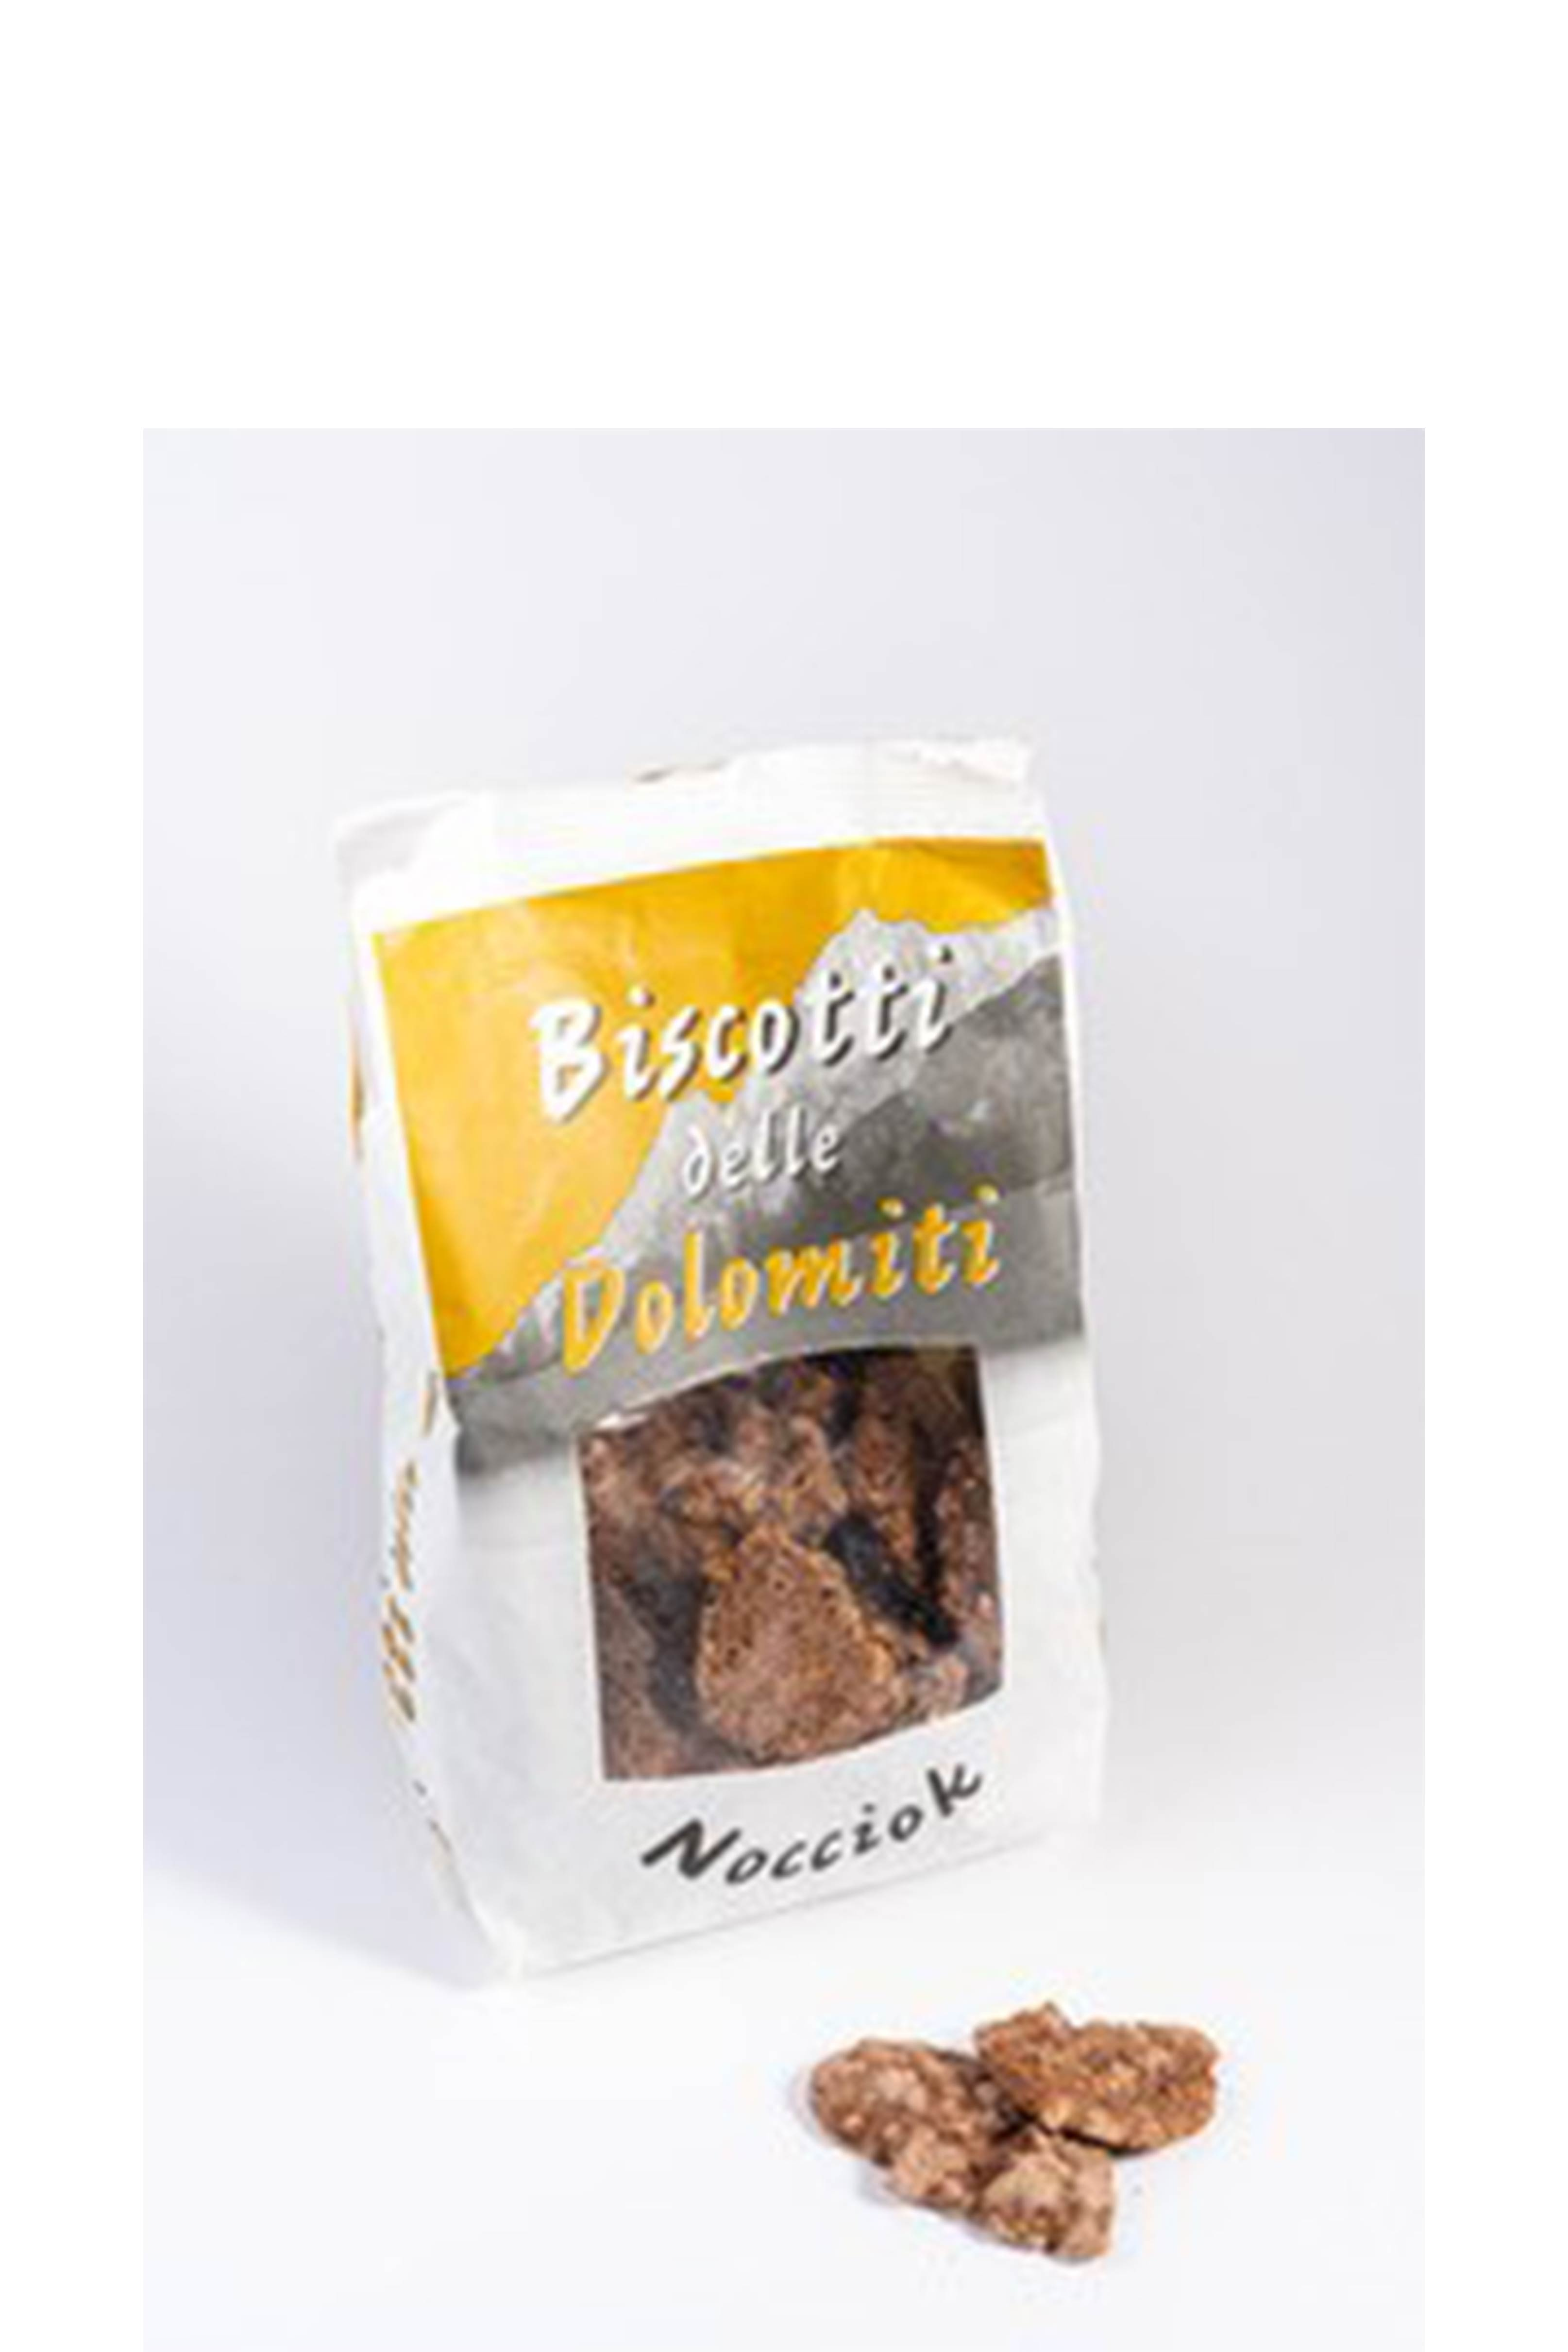 Biscotti Nocciok